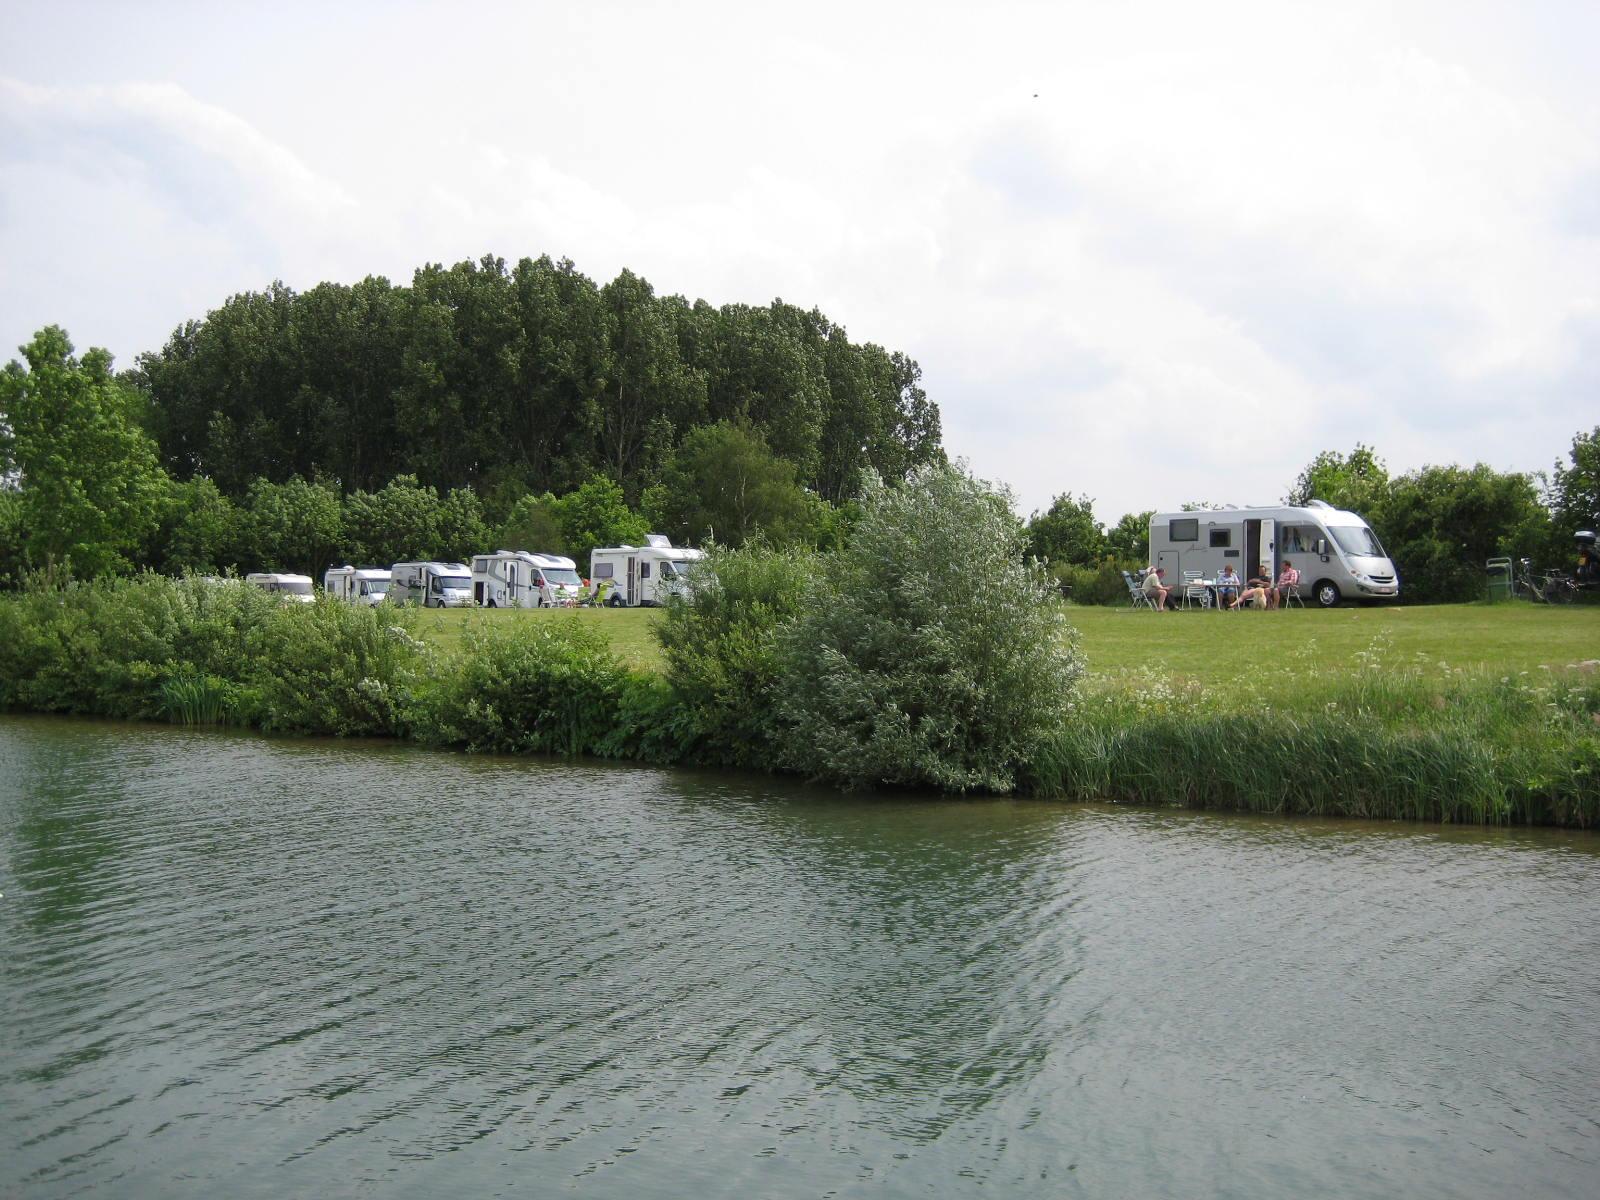 camping-het-loo-kampeerplaatsen-camping-campers